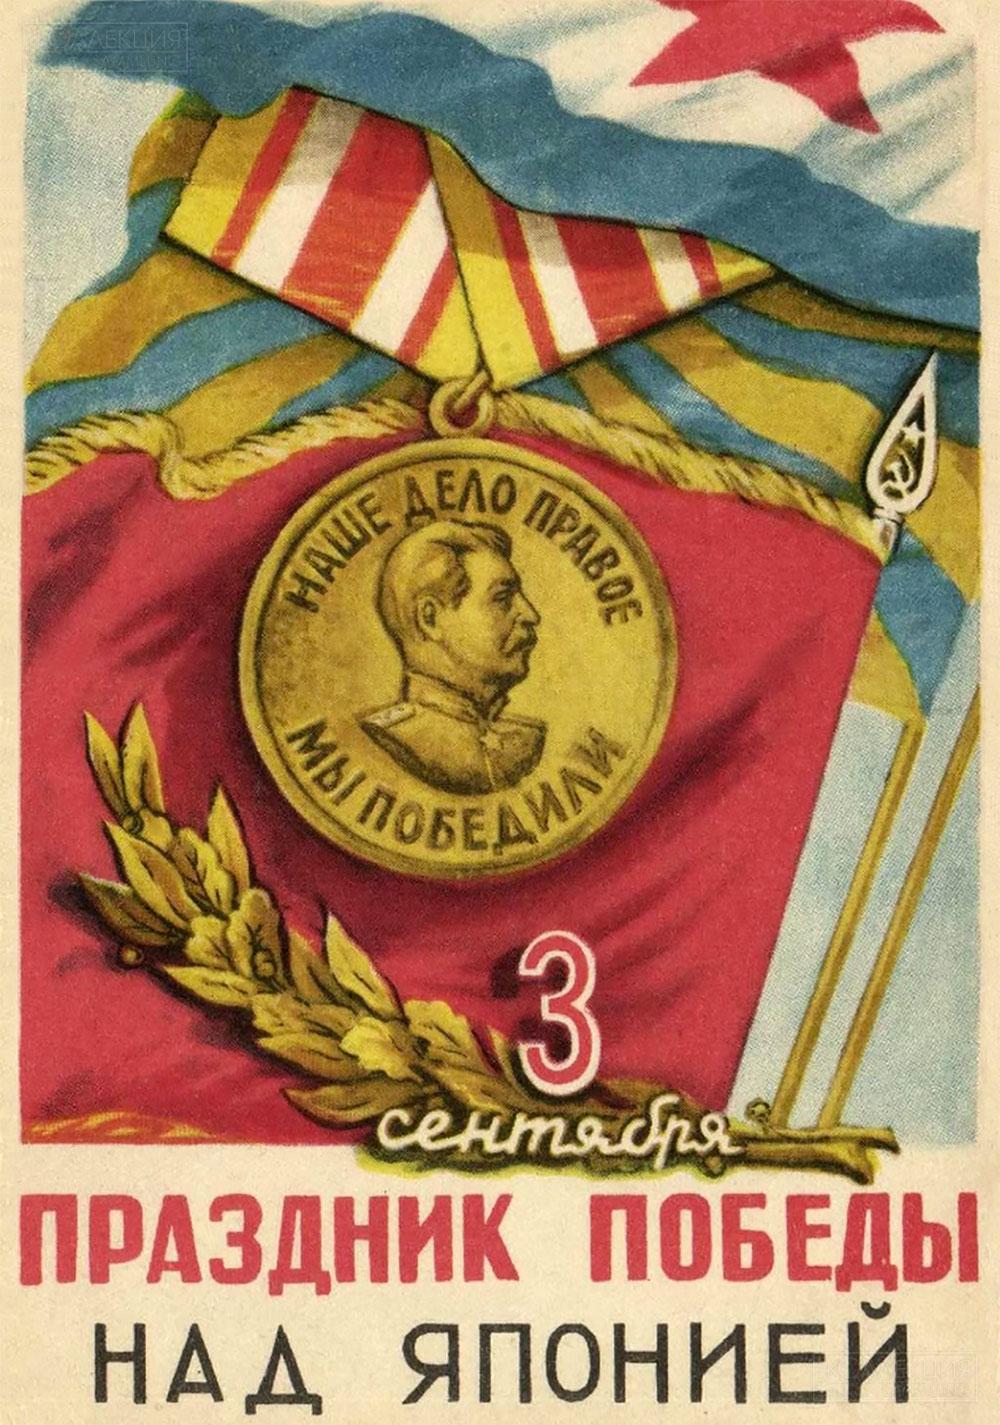 3 сентября - Праздник Победы над Японией. Художник В.А. Арлашин. 1949